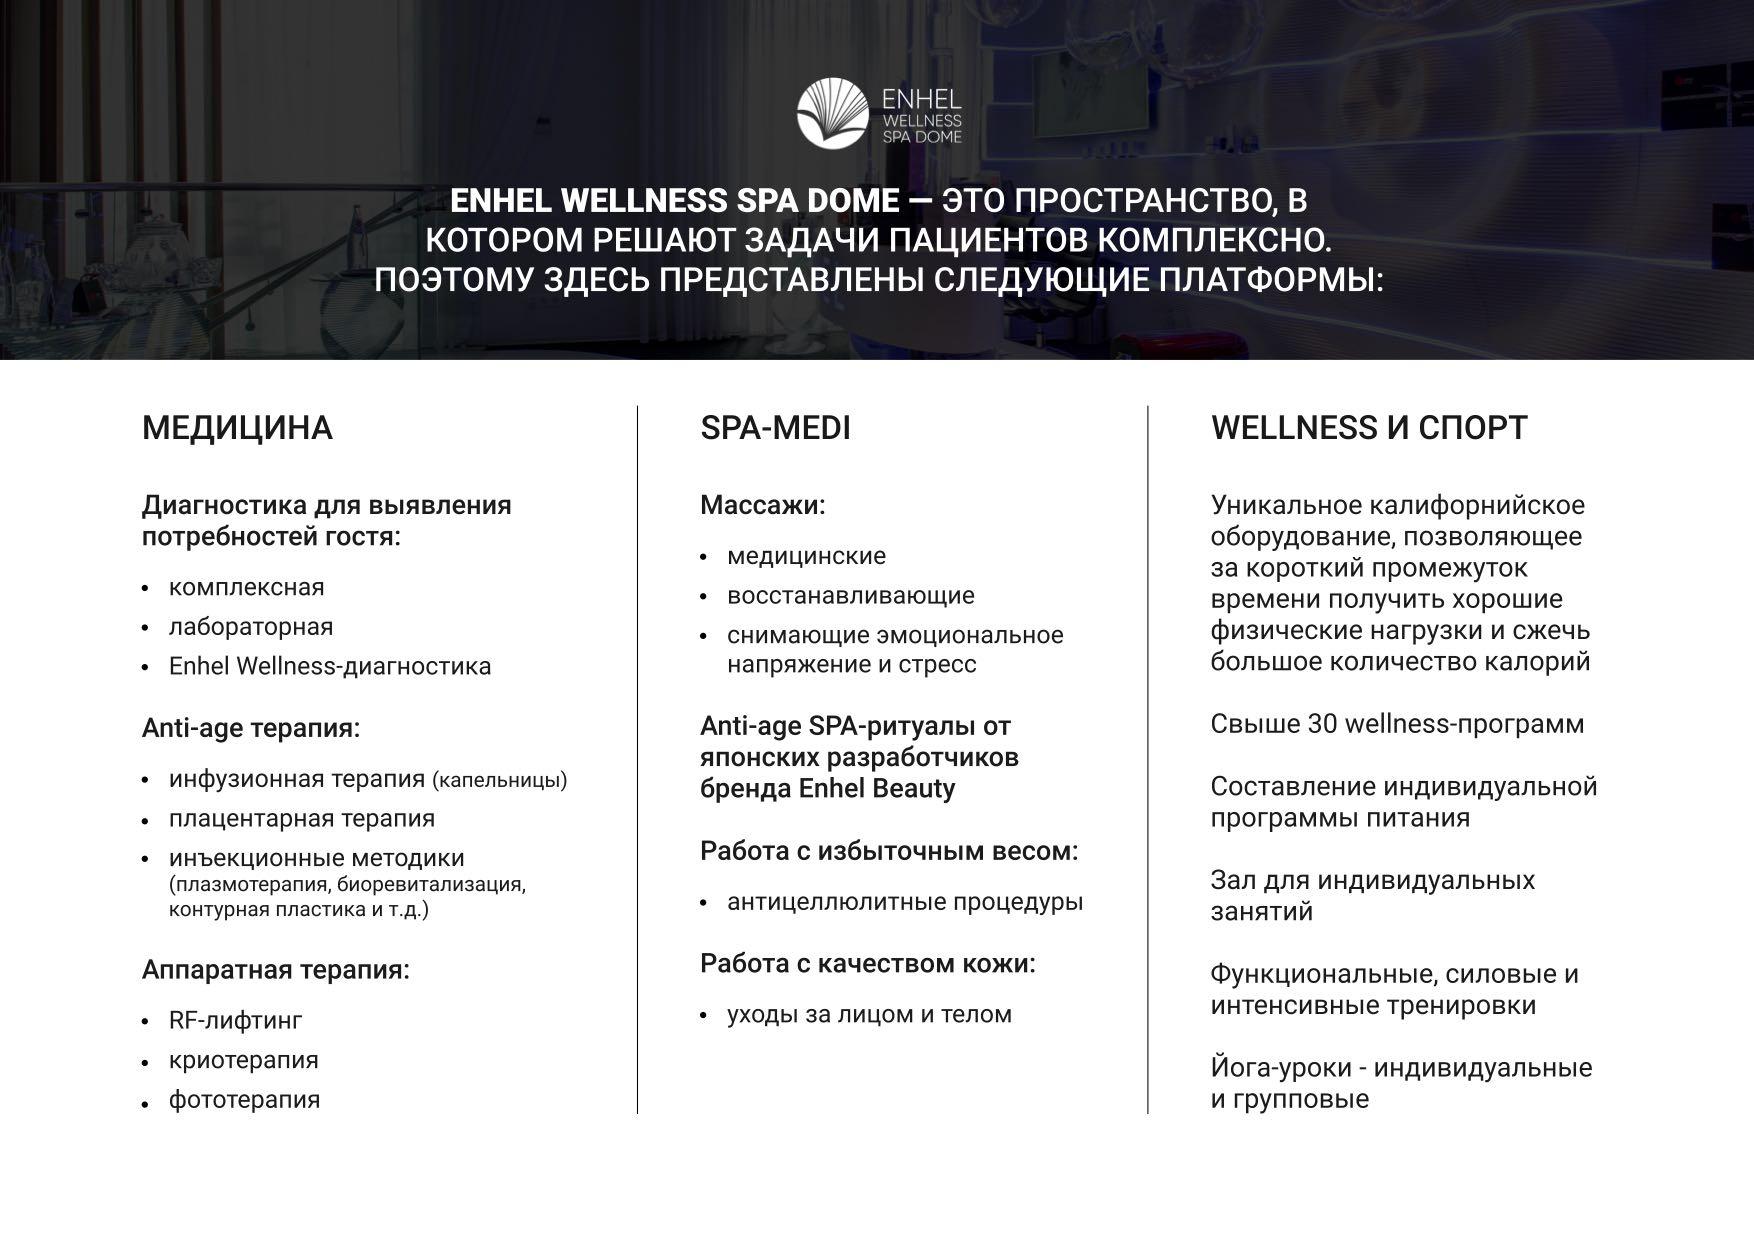 Доступные платформы Enhel Wellness Spa Dome